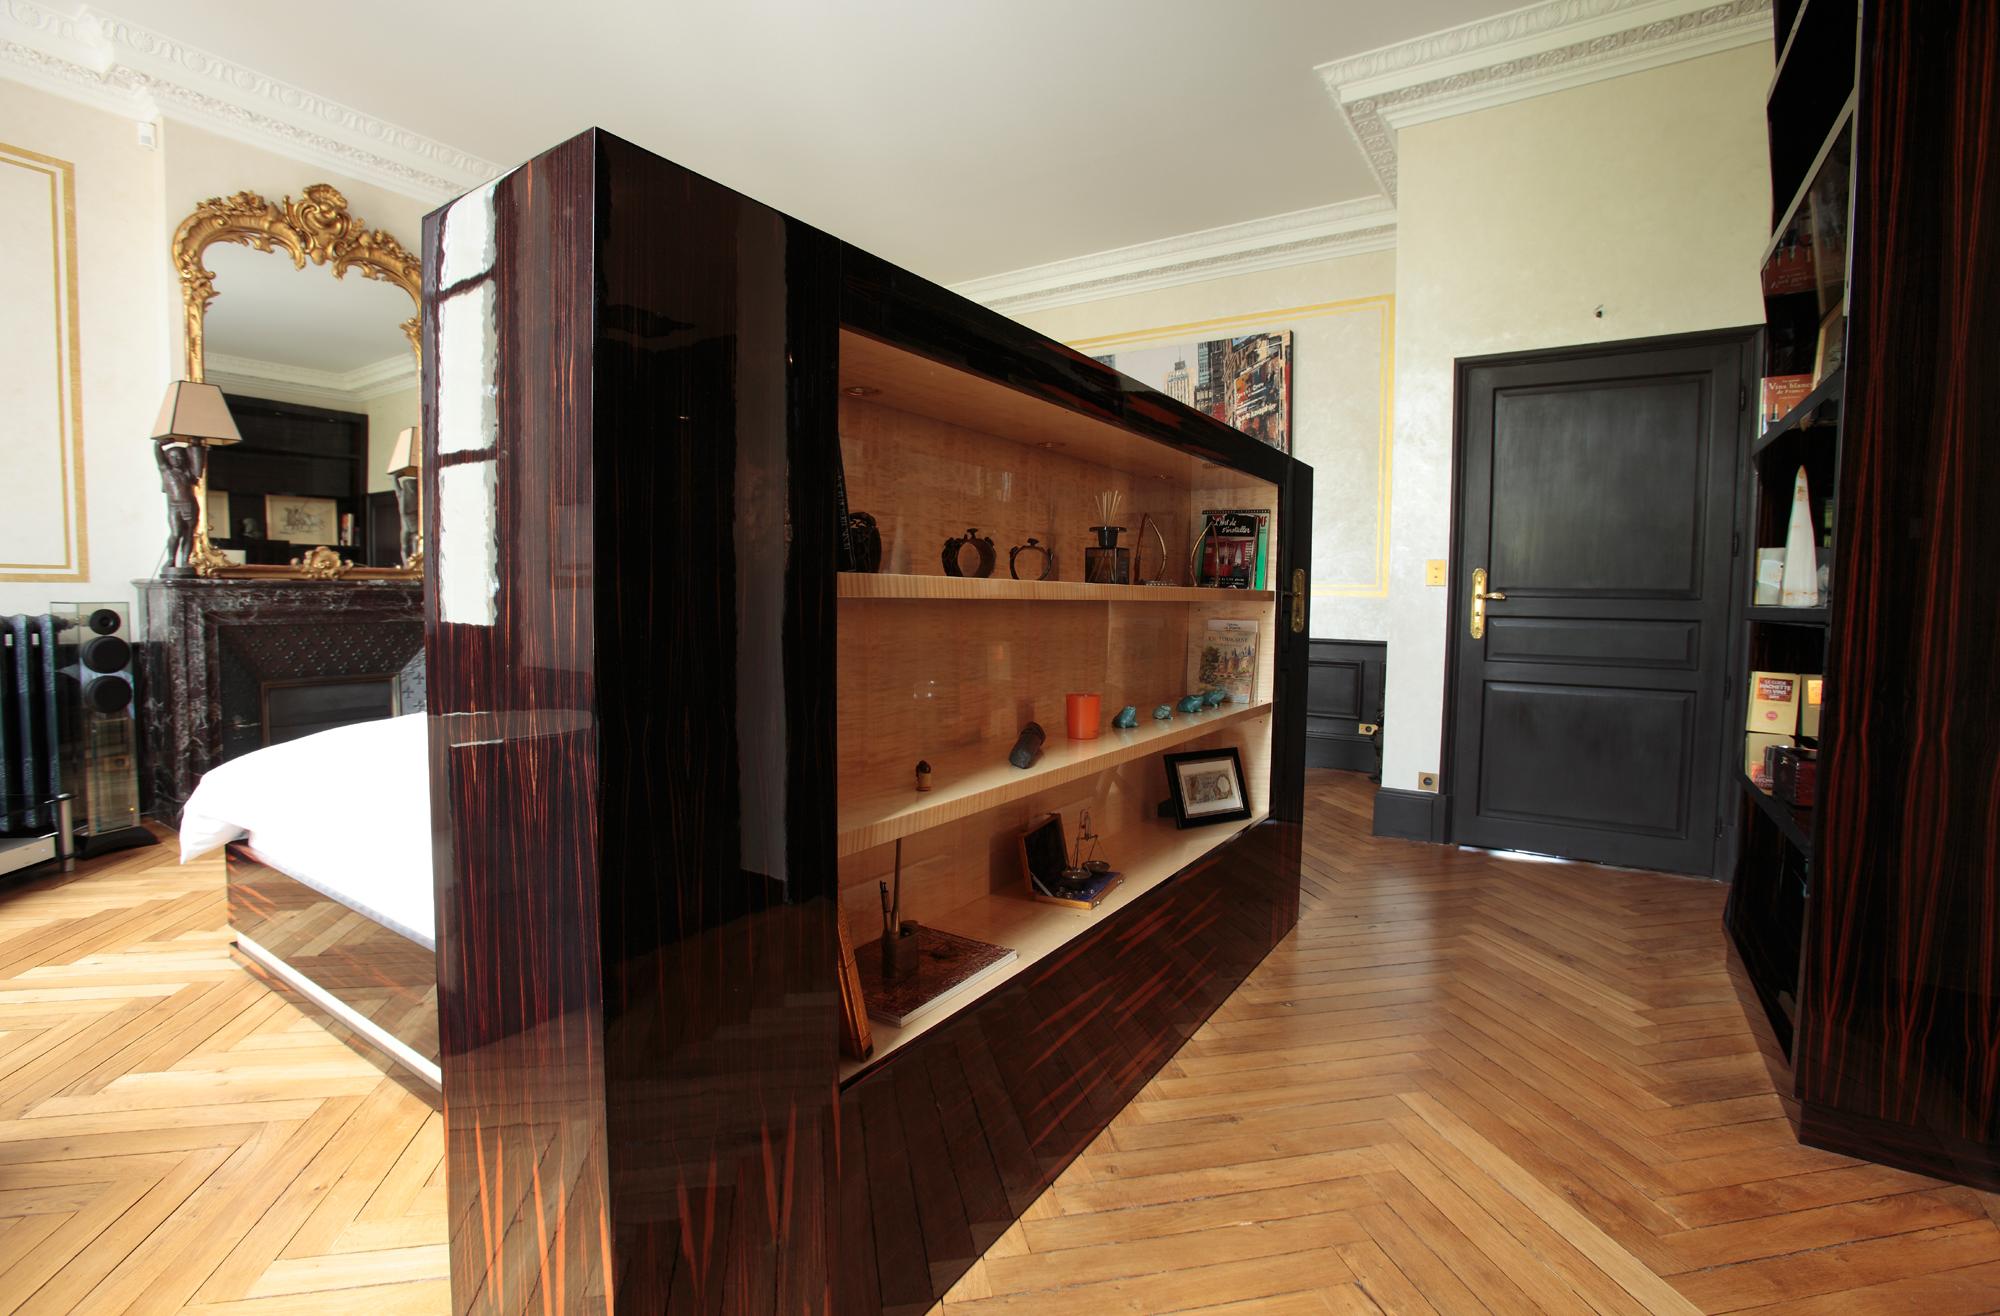 chambre mobilier art d co paris agencement xavier g lineau. Black Bedroom Furniture Sets. Home Design Ideas